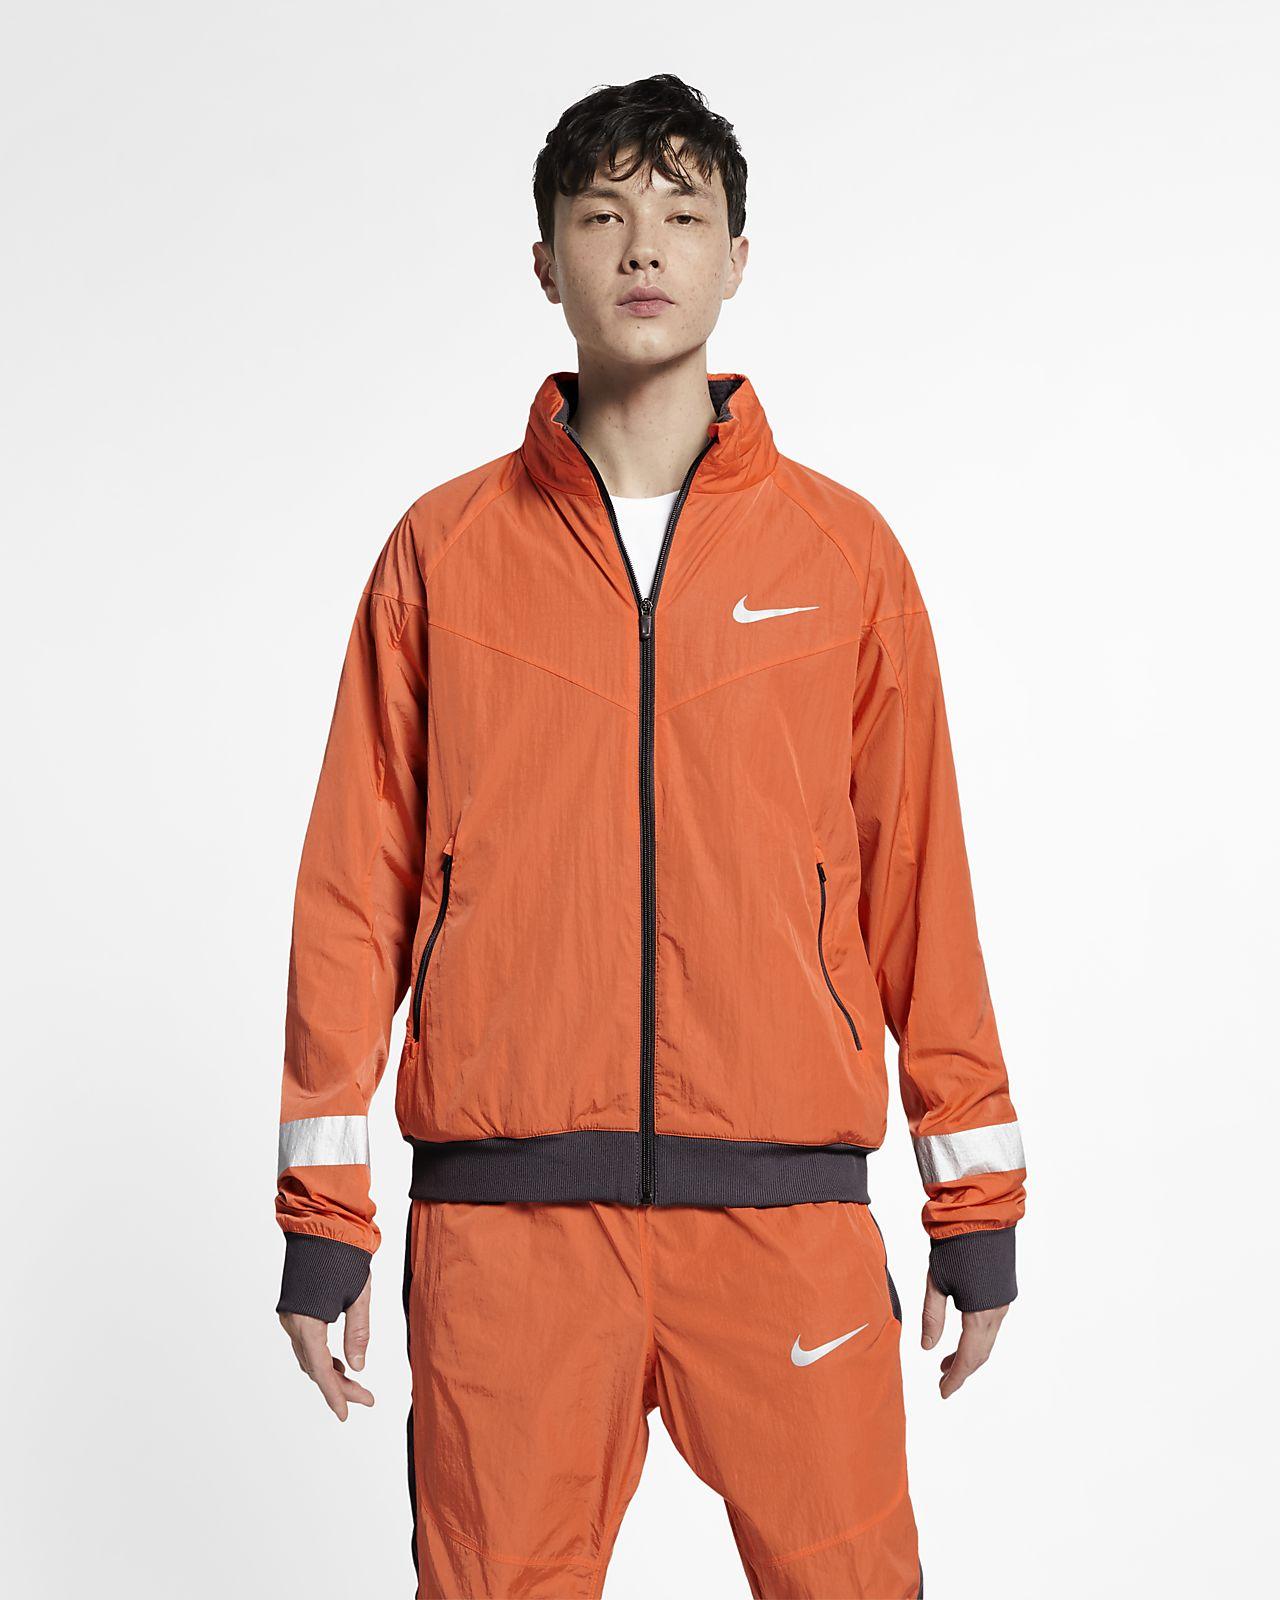 Veste de survêtement de running Nike Sphere pour Homme